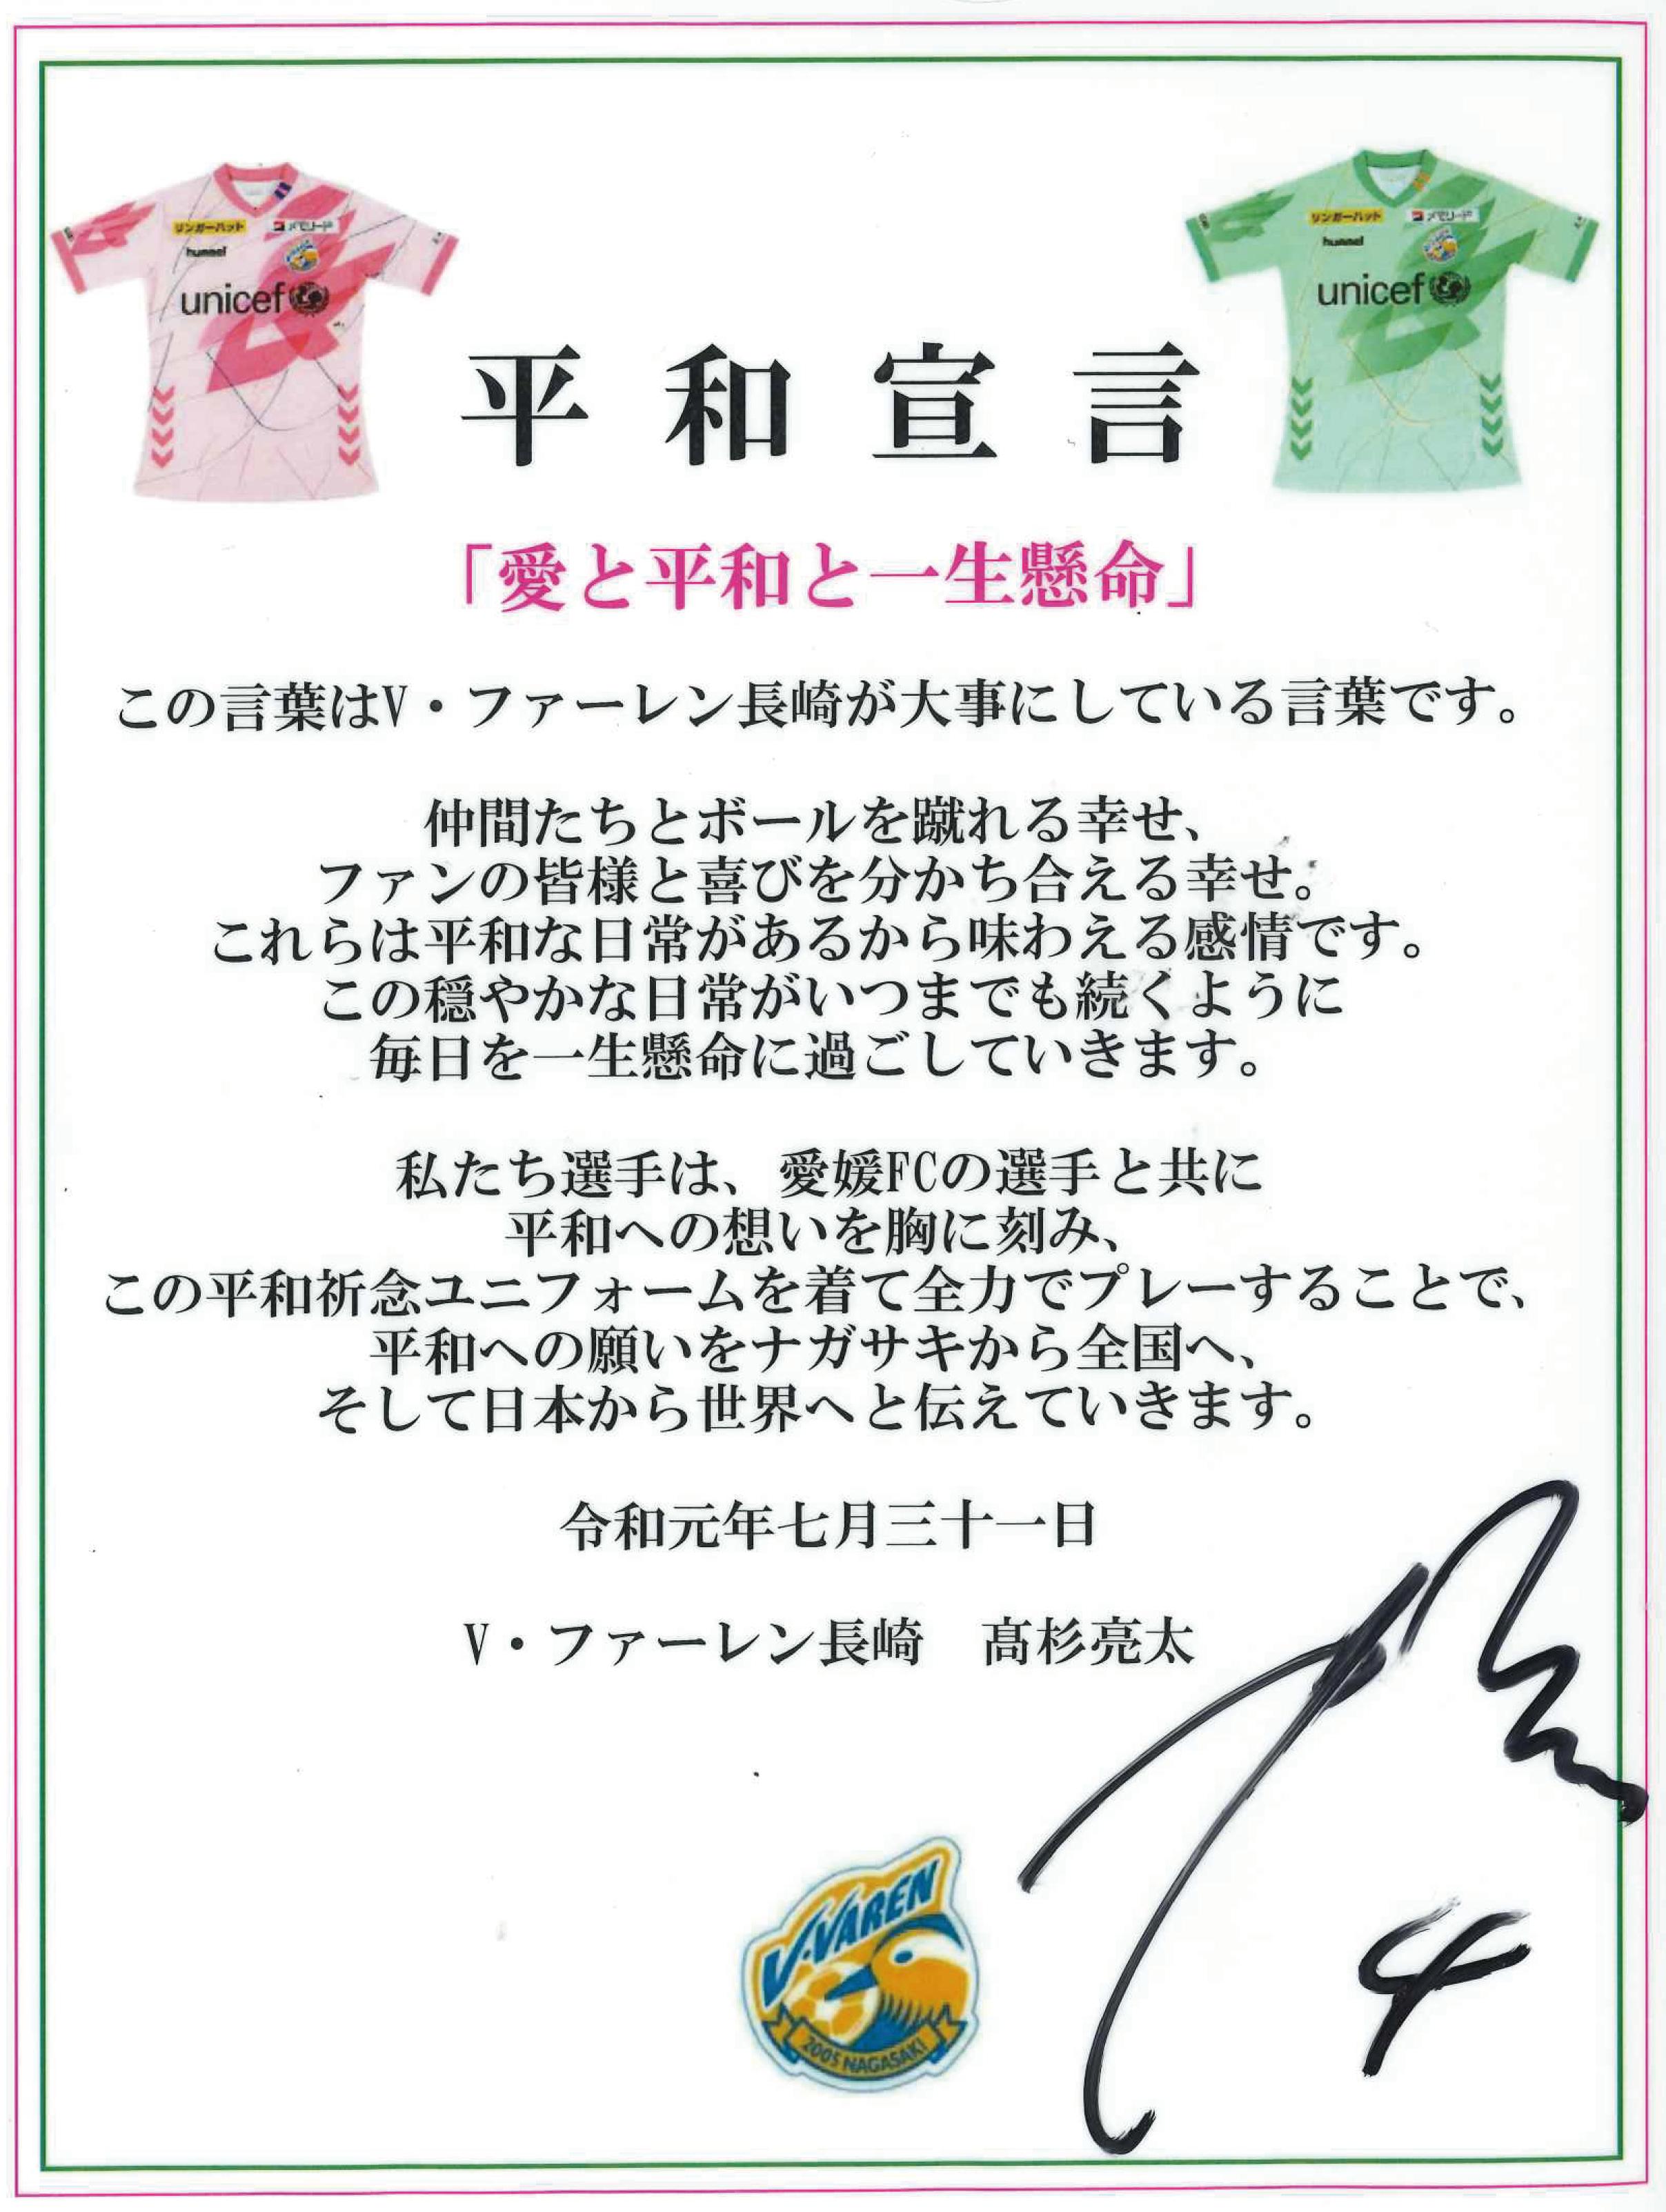 高杉亮太選手による平和宣言